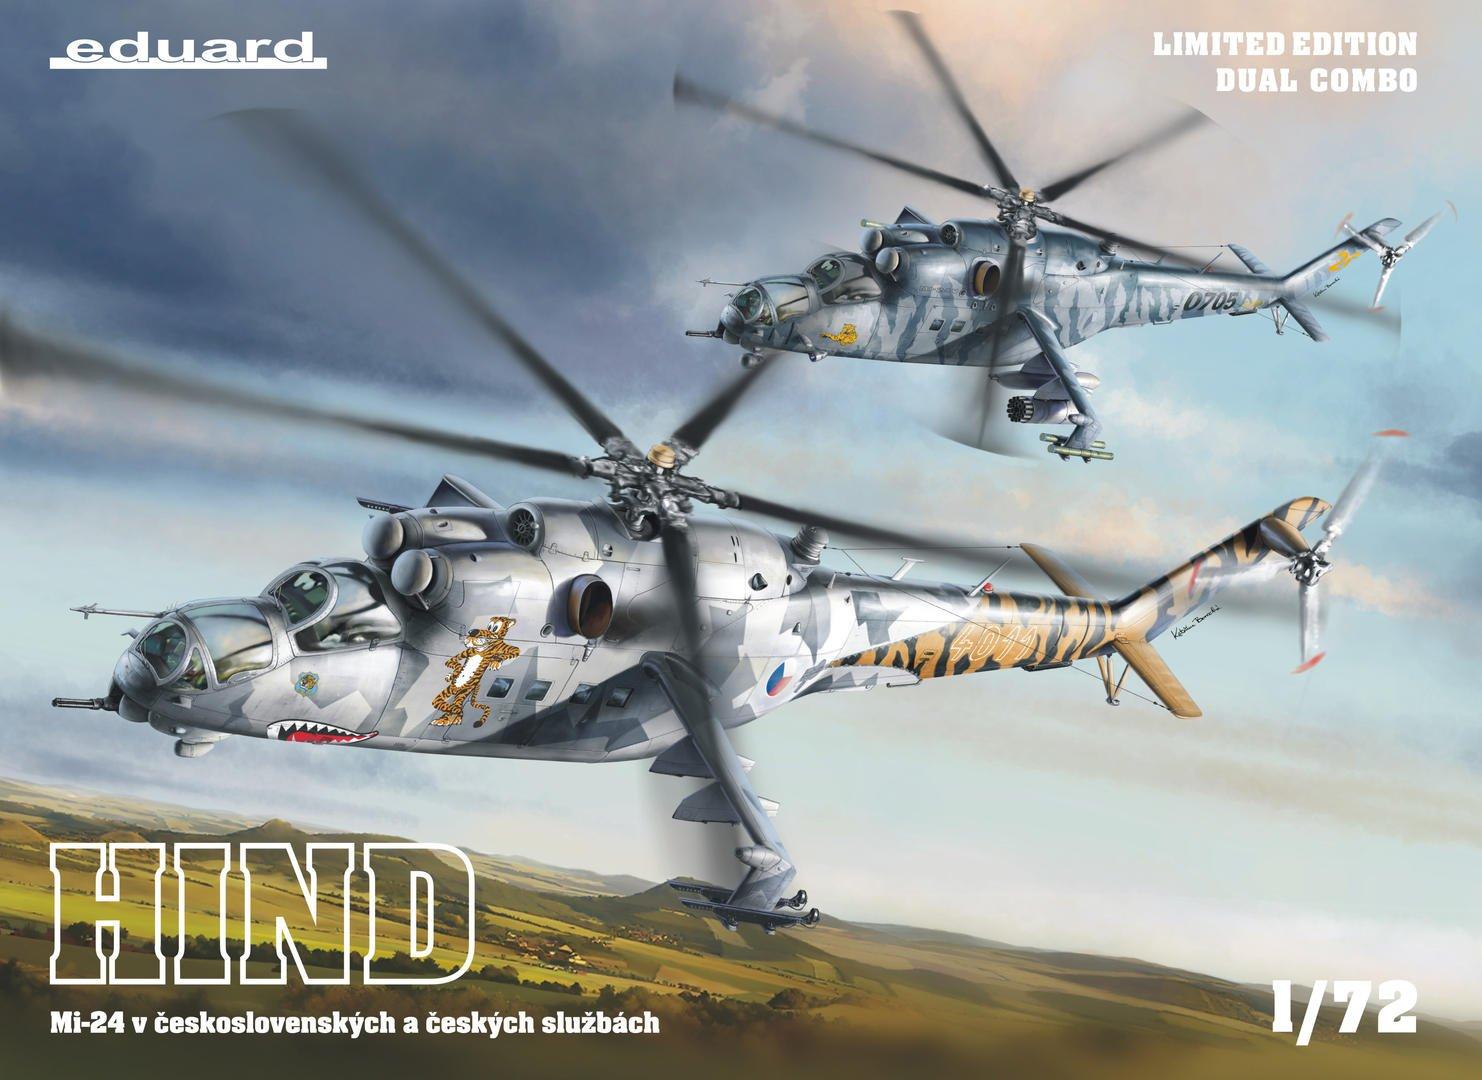 Eduard Models Helicopter Model Kit